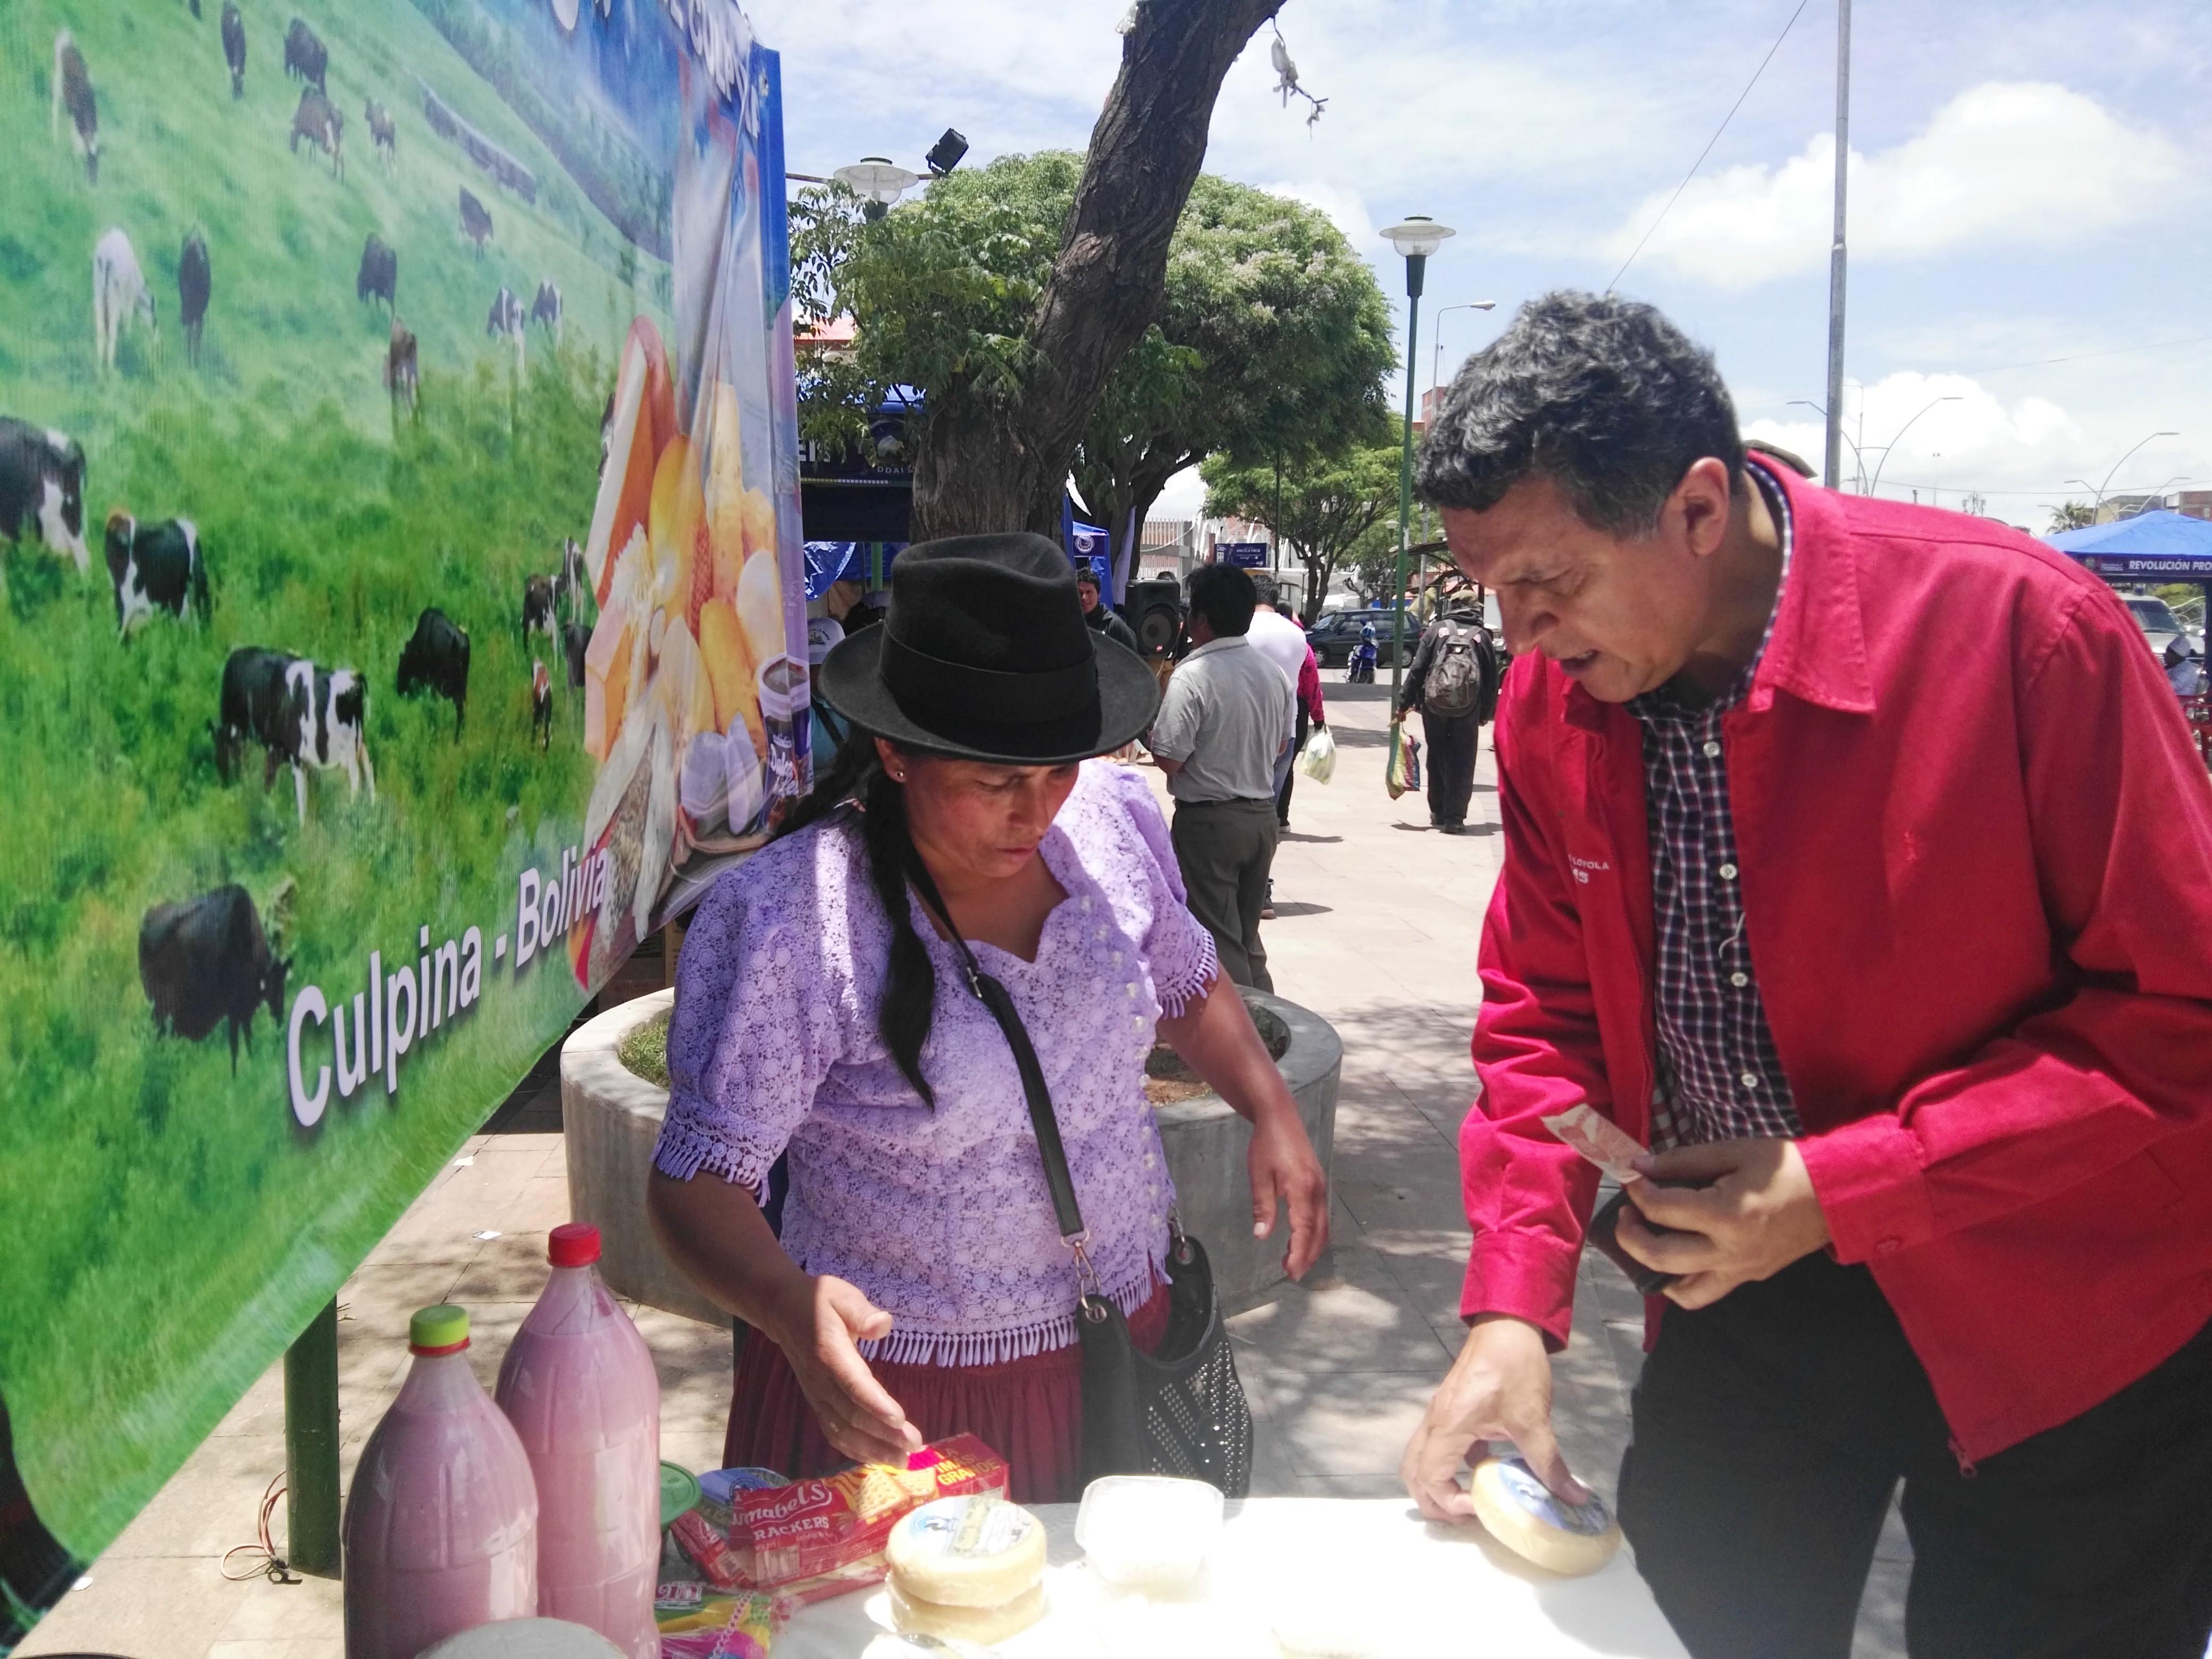 Feria de emprendedores culpineños en Sucre recibe amplio respaldo